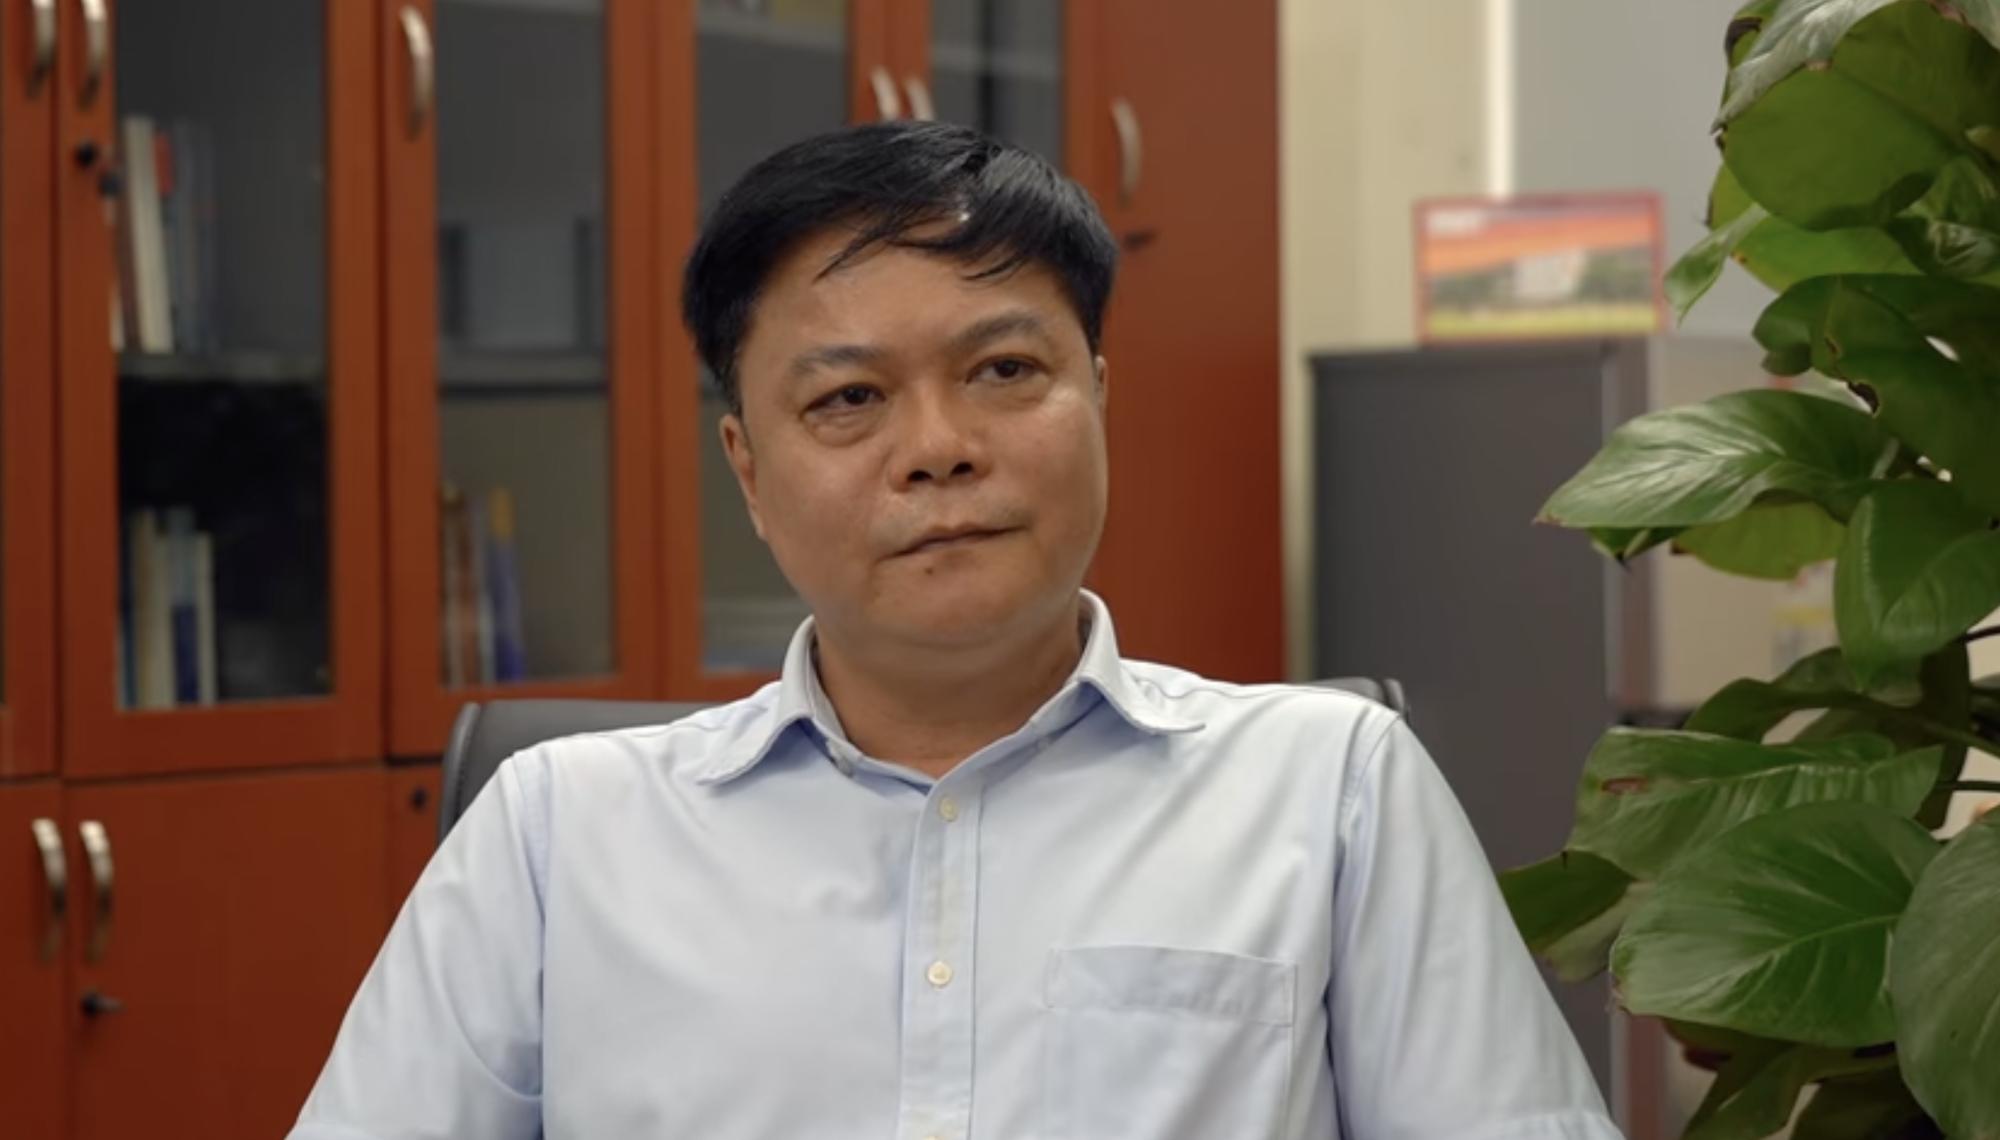 Phó hiệu trưởng ĐH Bách khoa Hà Nội bật mí điểm chuẩn công bố tối 15/9, nhiều thí sinh phải nuối tiếc - Ảnh 1.